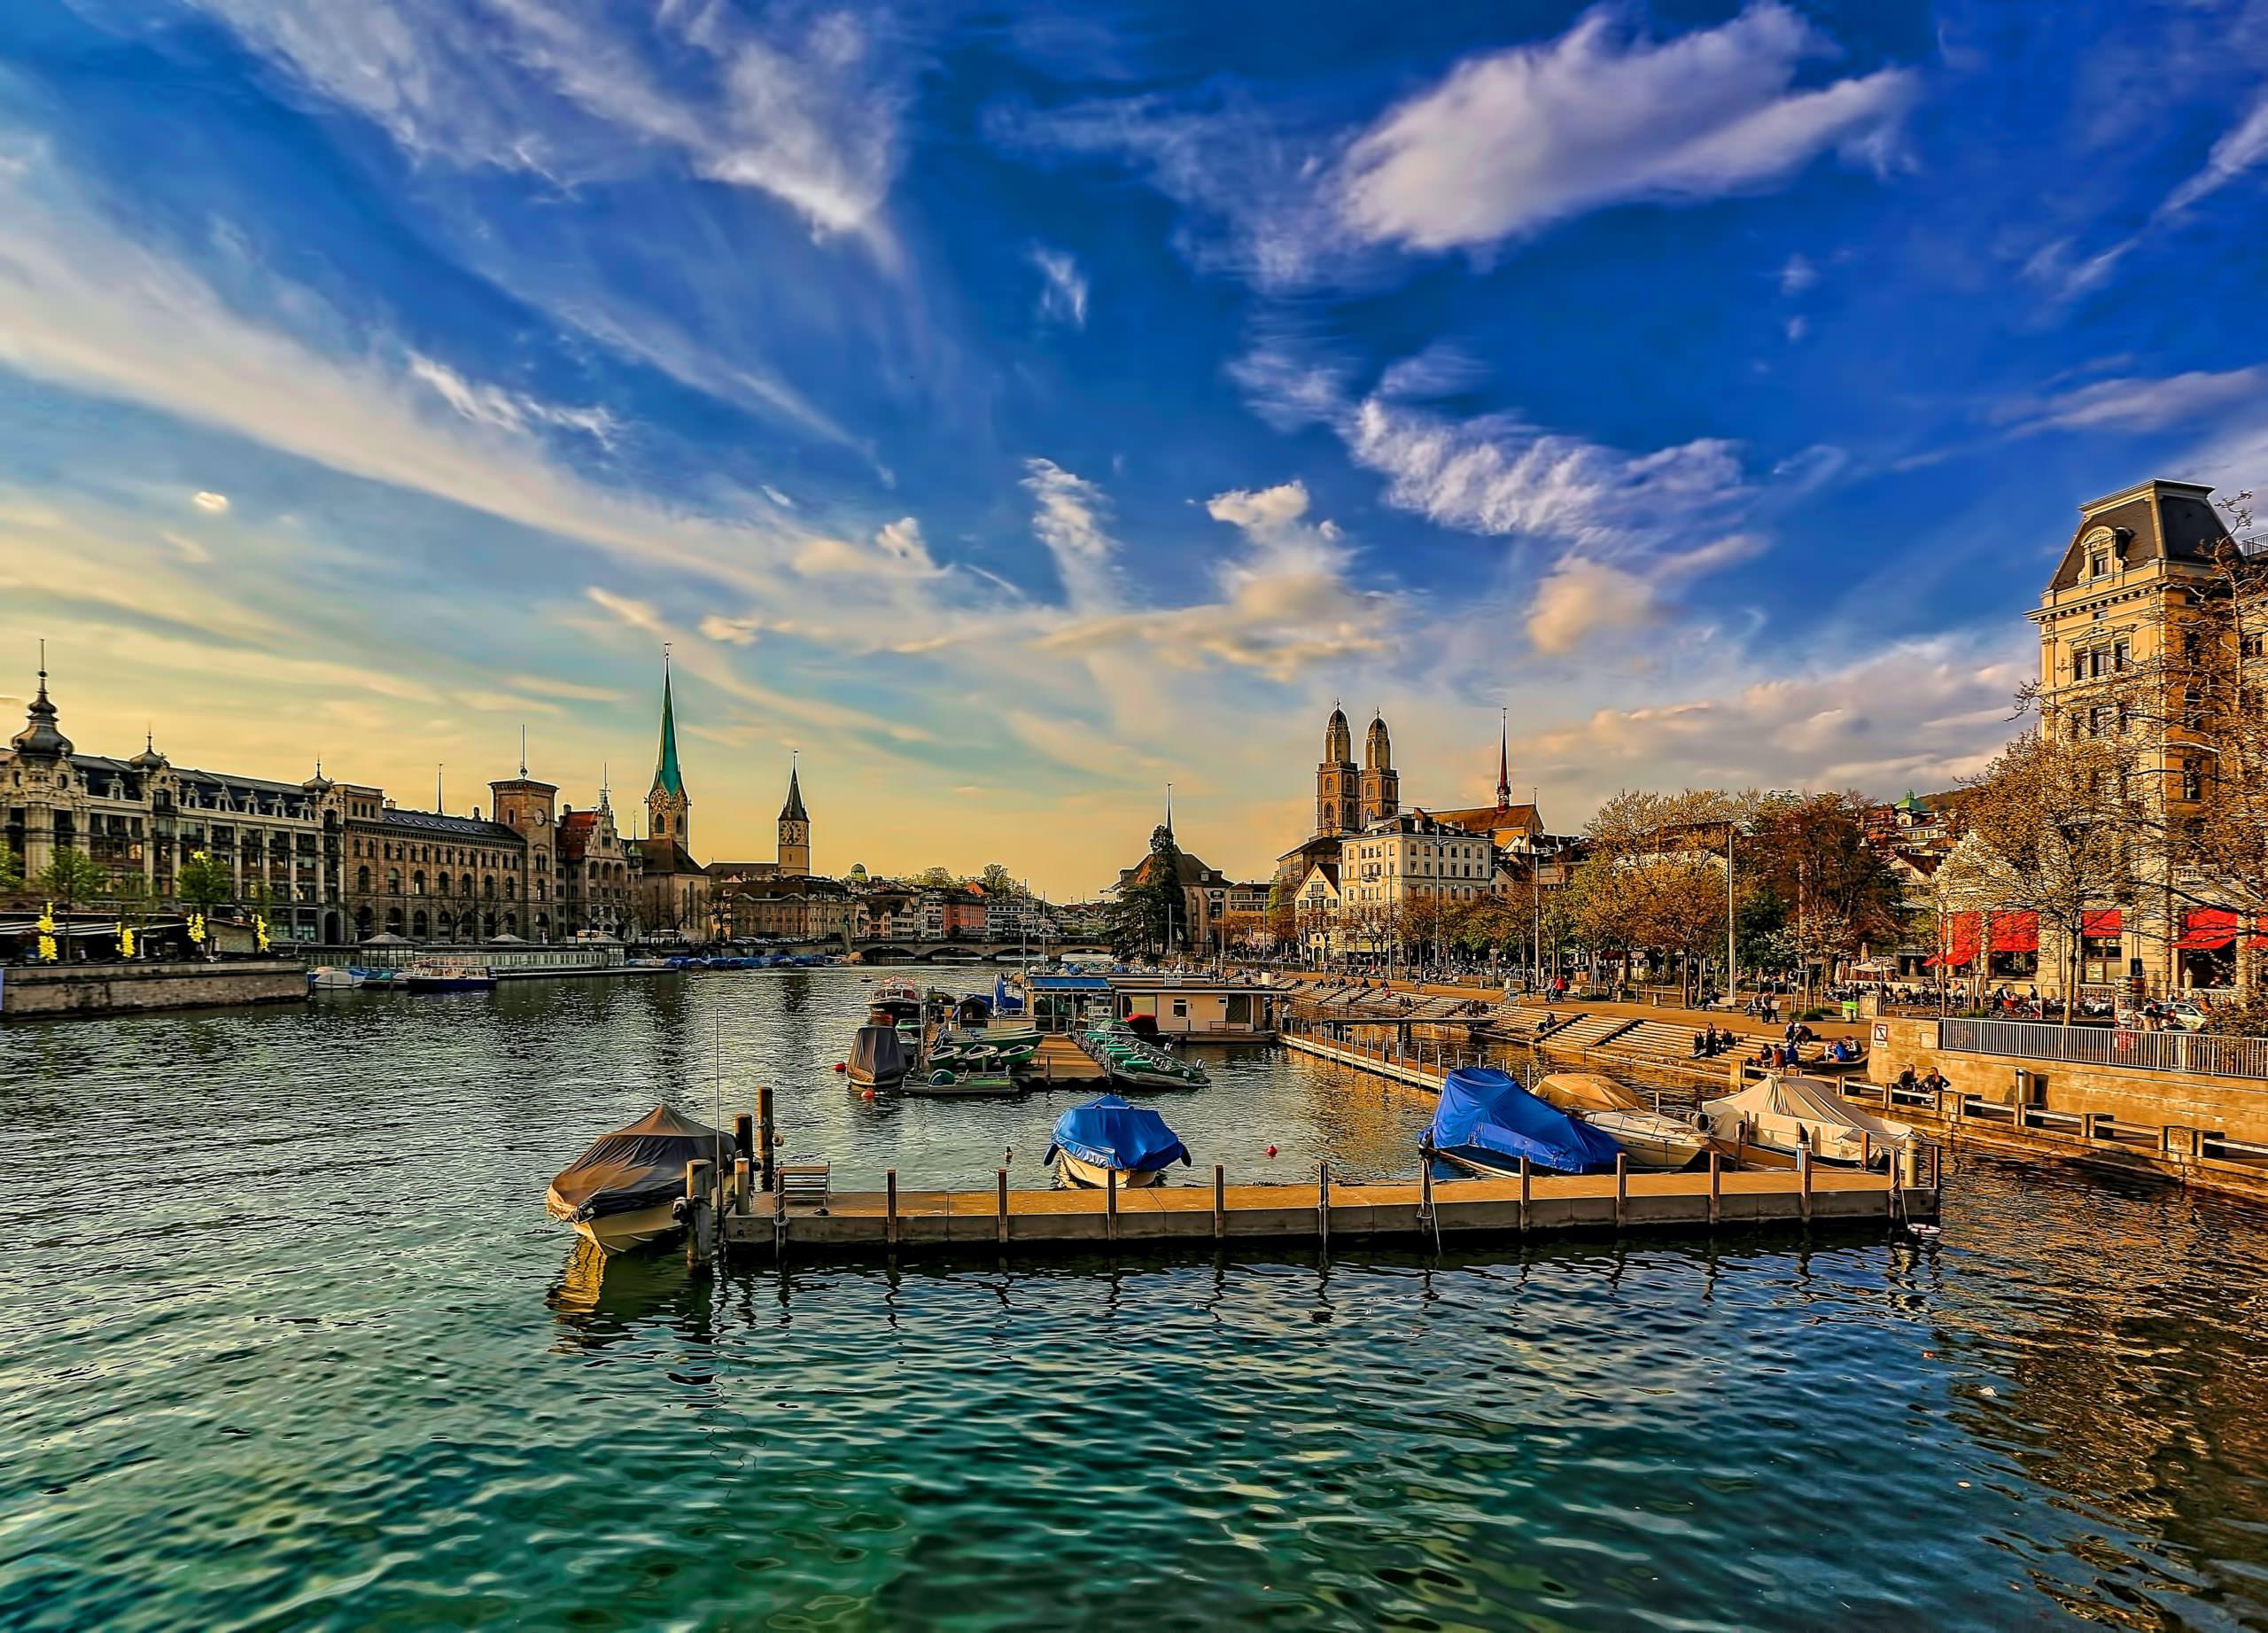 أفضل 10 مناطق جذب سياحي في زيورخ – سويسرا